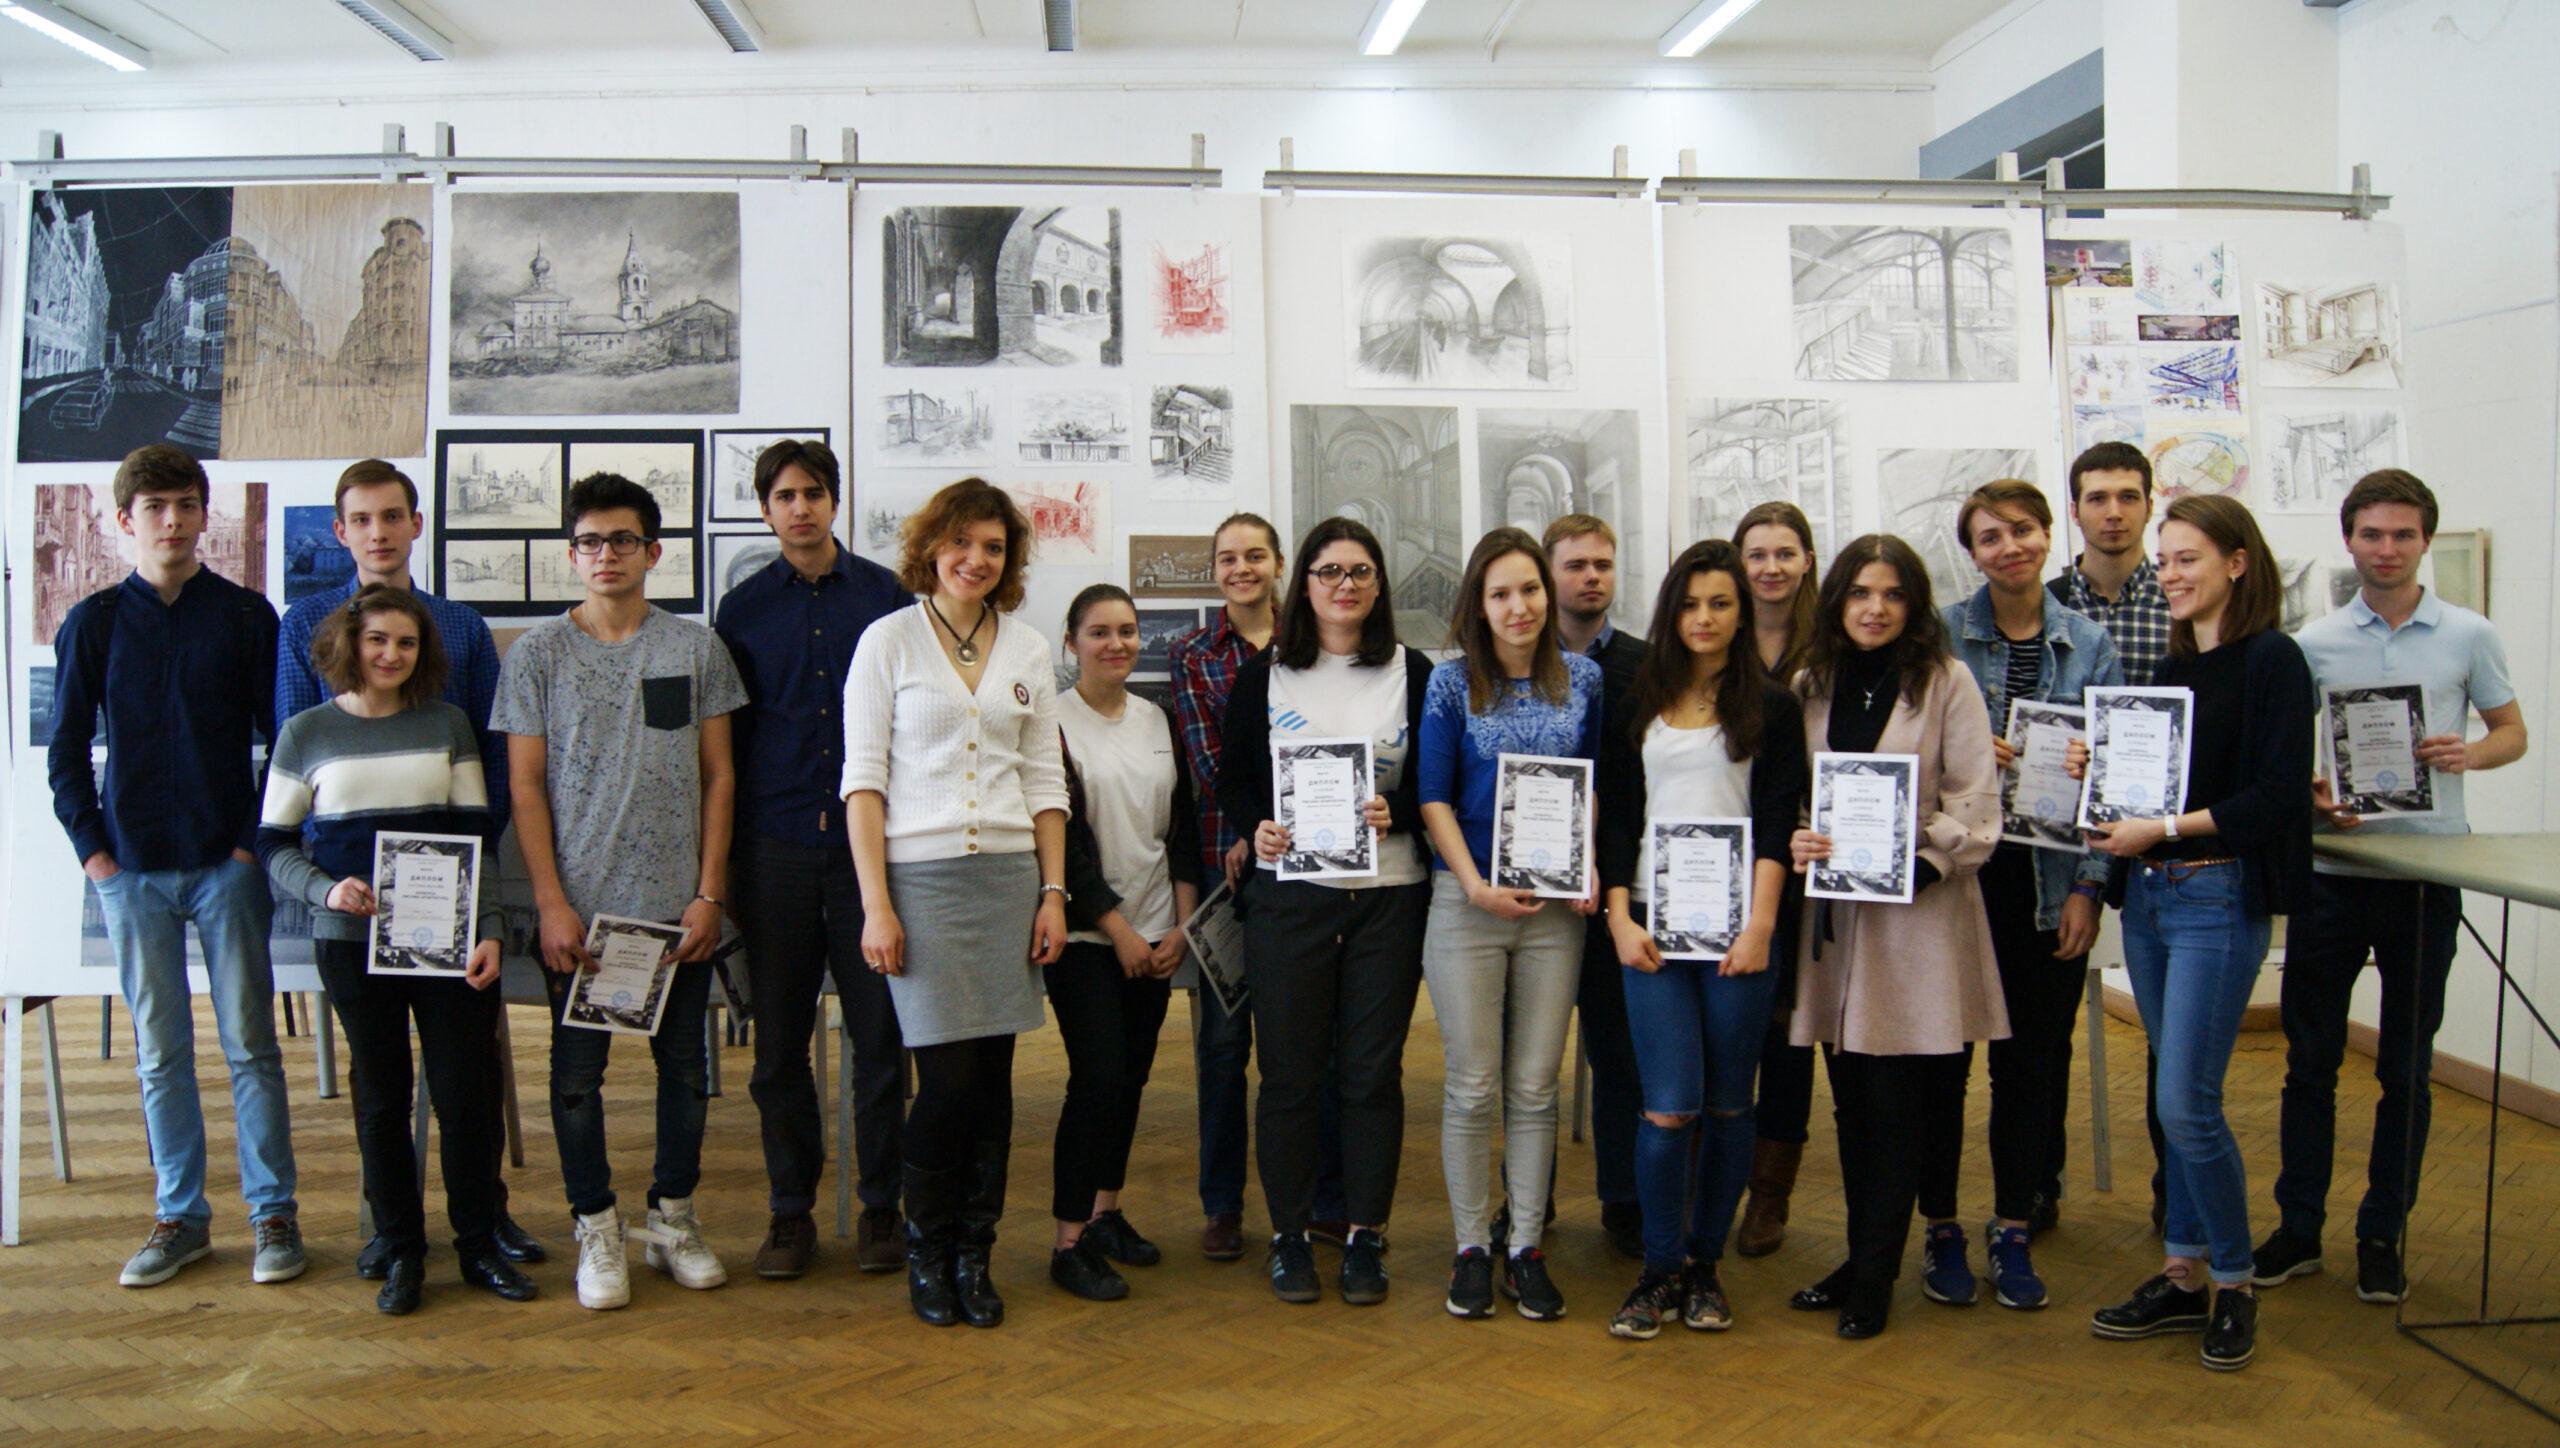 Награждение победителей студенческого конкурса Рисунка архитектуры